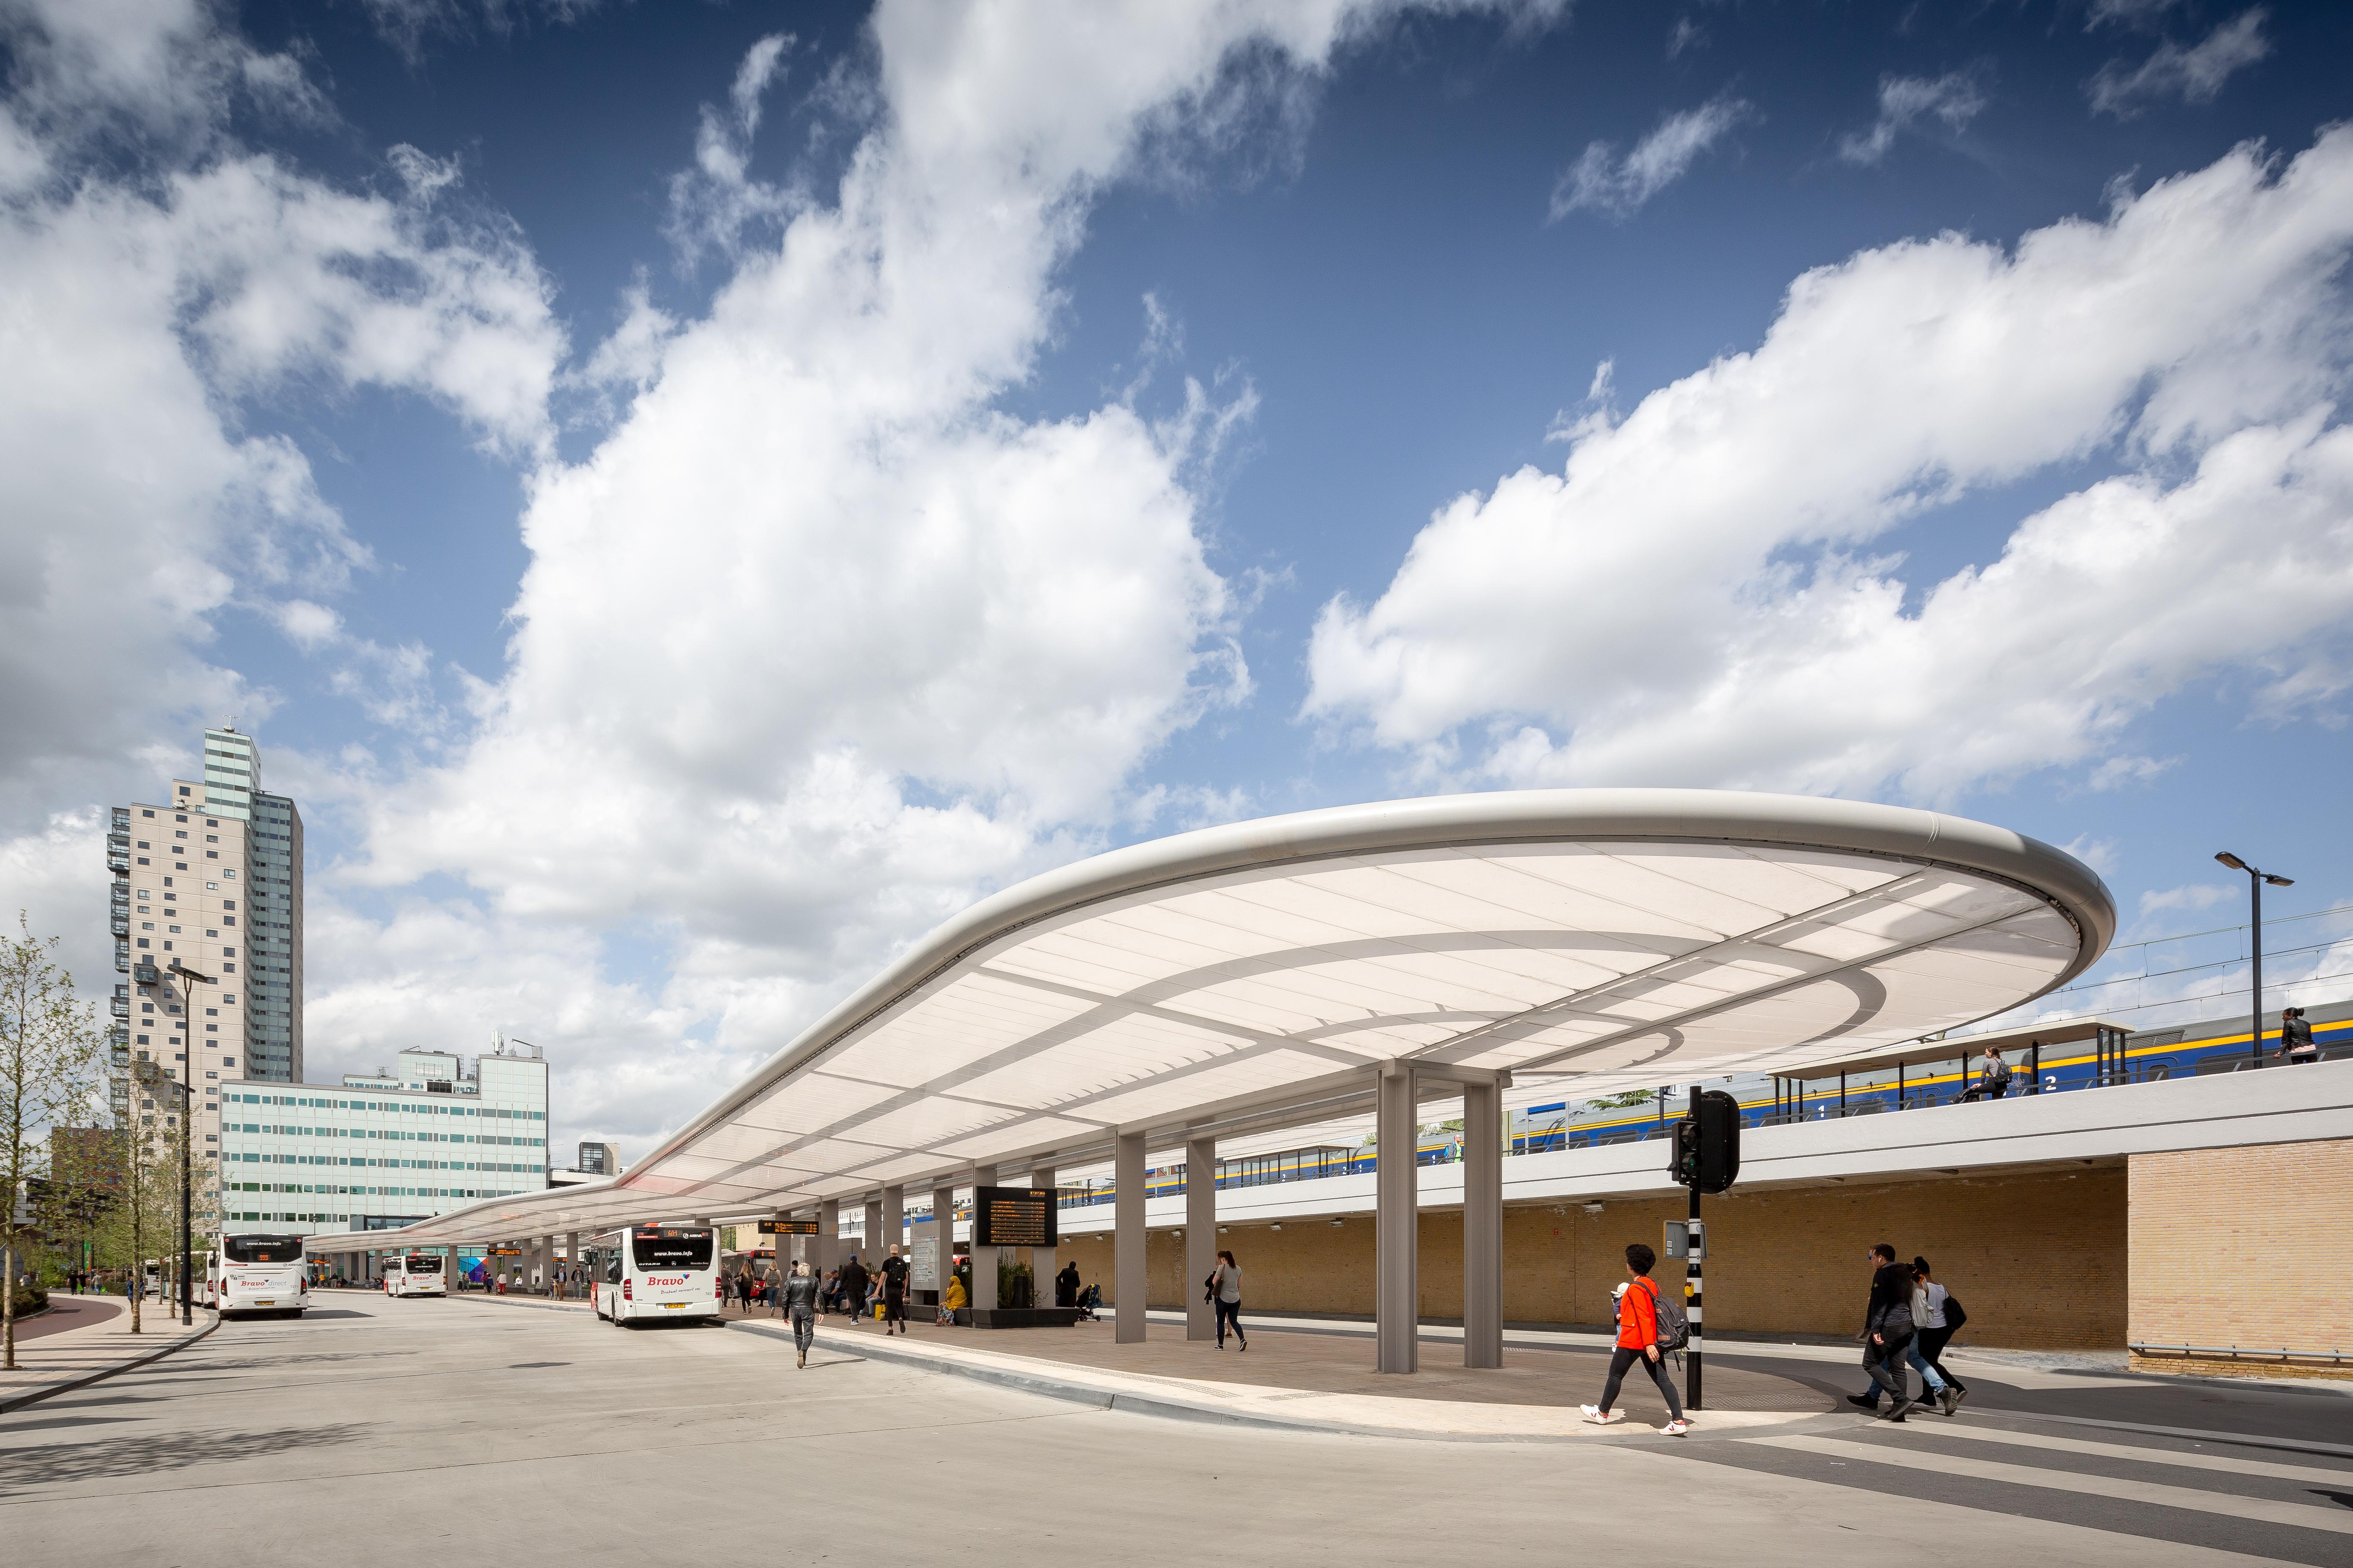 オランダ初の100%自給自足バスターミナルが誕生「Cepezed」